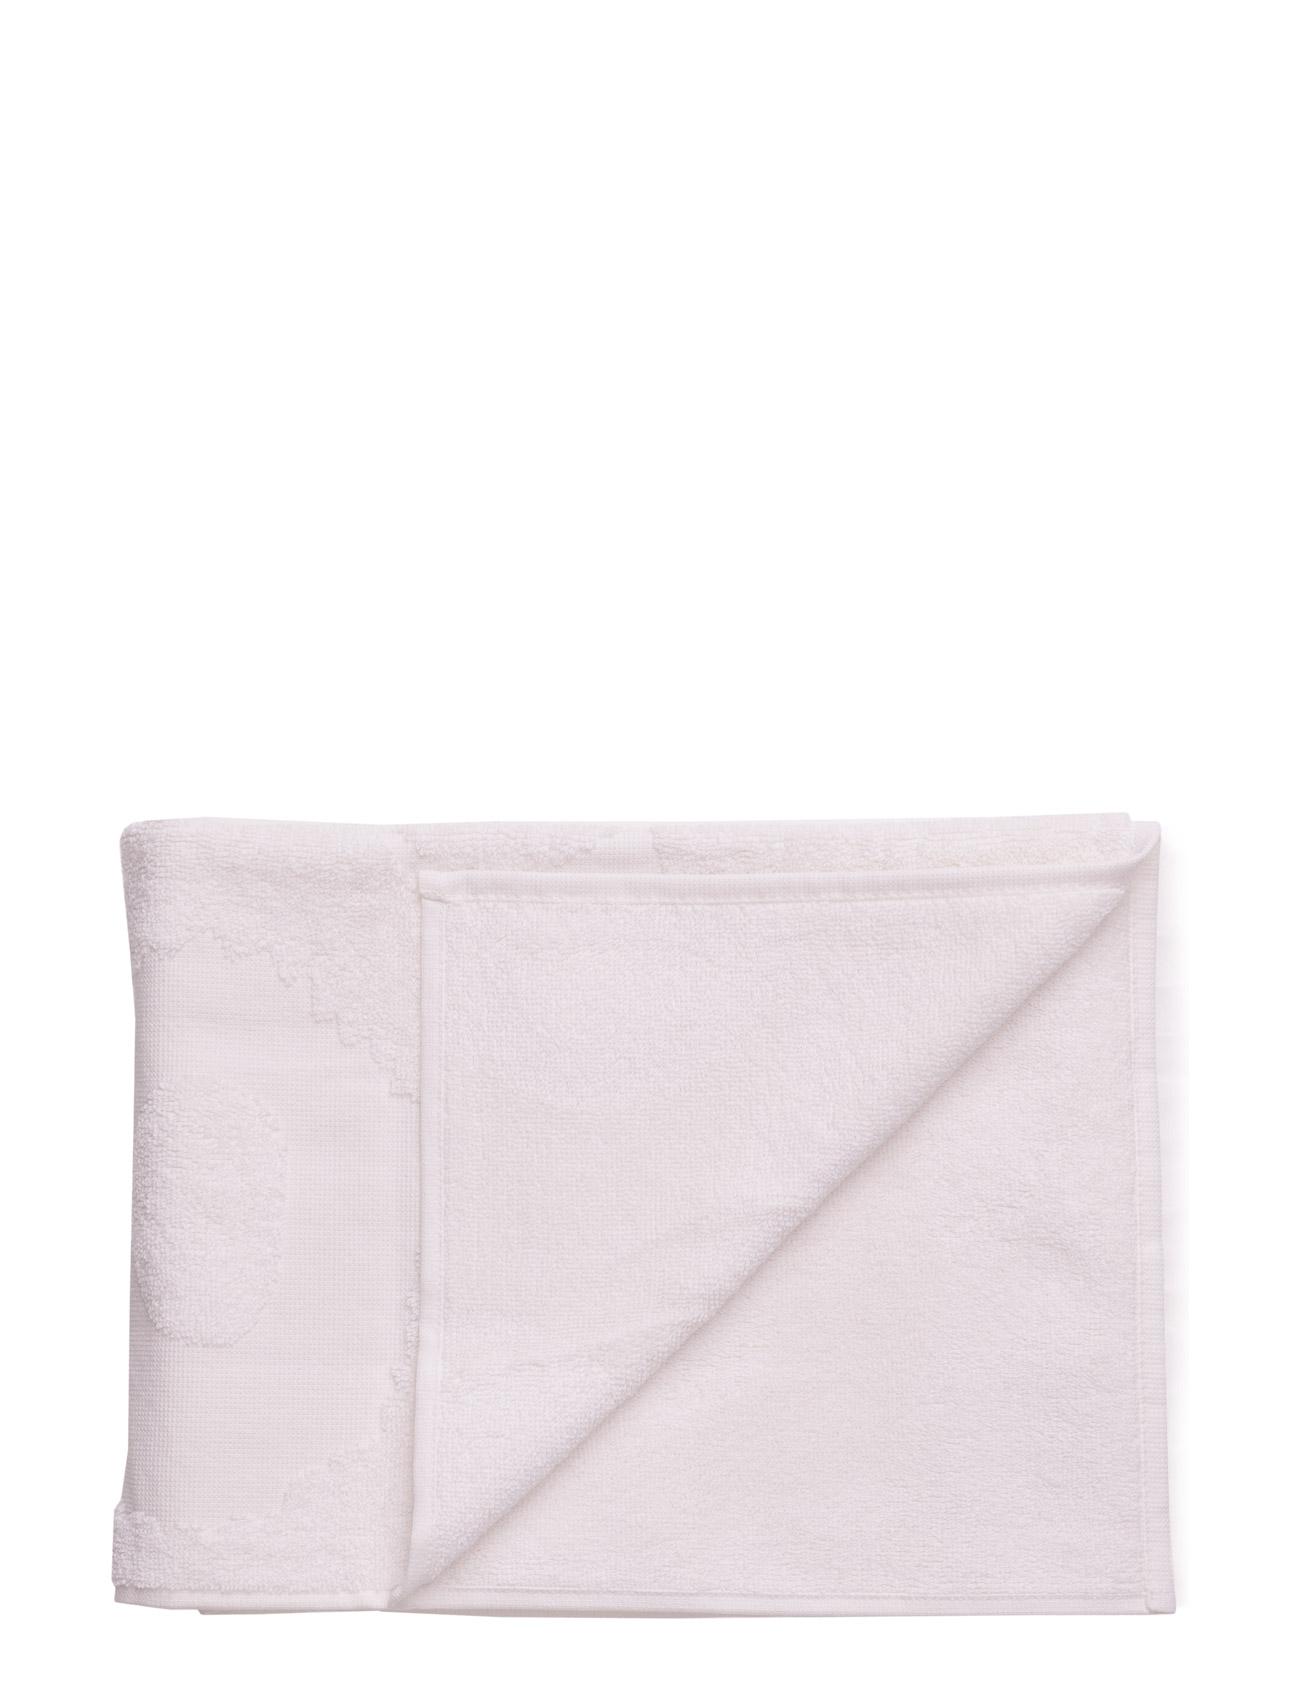 Unikko Solid Hand Towel 50x100 Marimekko Home Hjem til Herrer i hvid